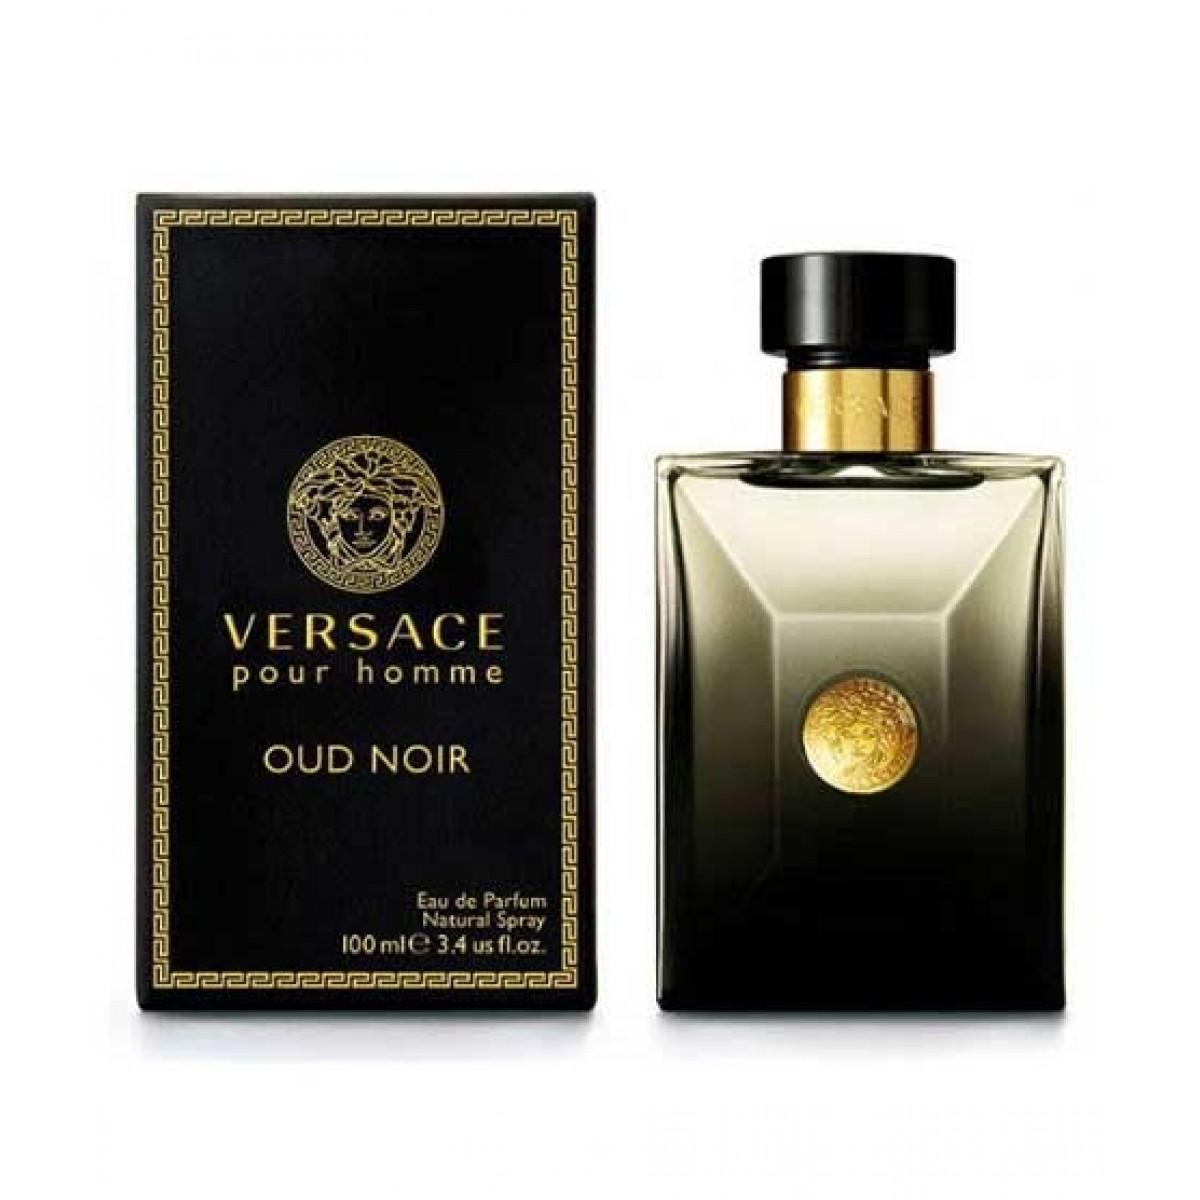 Versace Oud Noir Eau De Parfum For Men 100ML